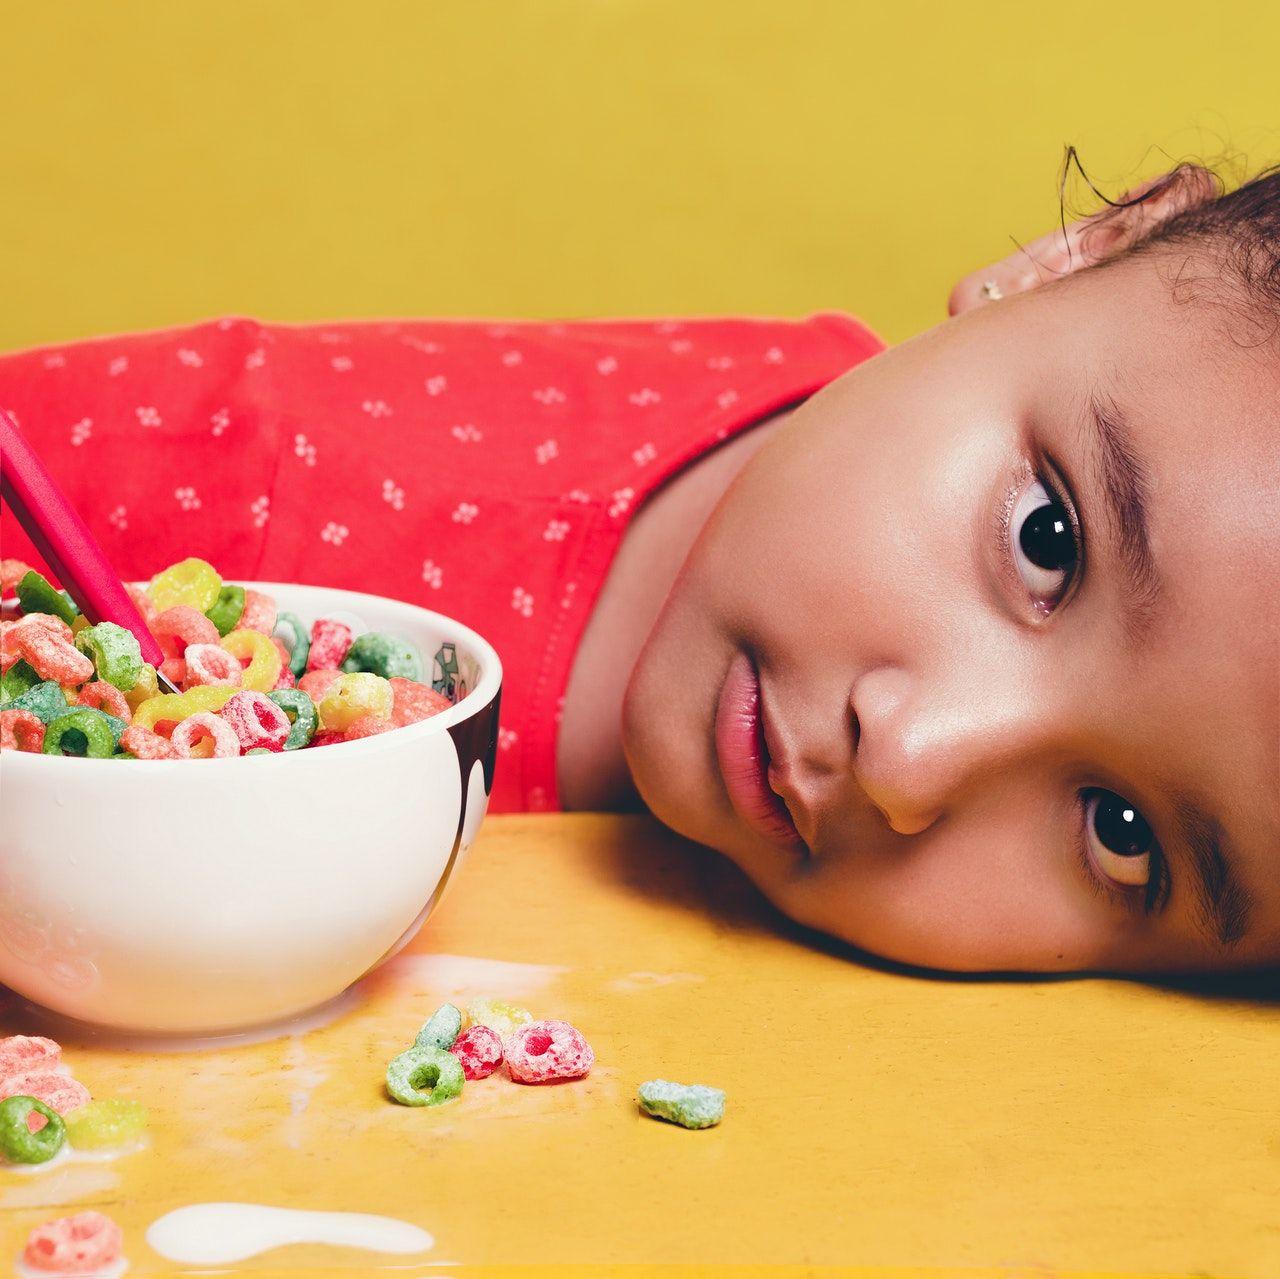 Qué necesito saber sobre la intolerancia alimentaria si trabajo en un comedor escolar